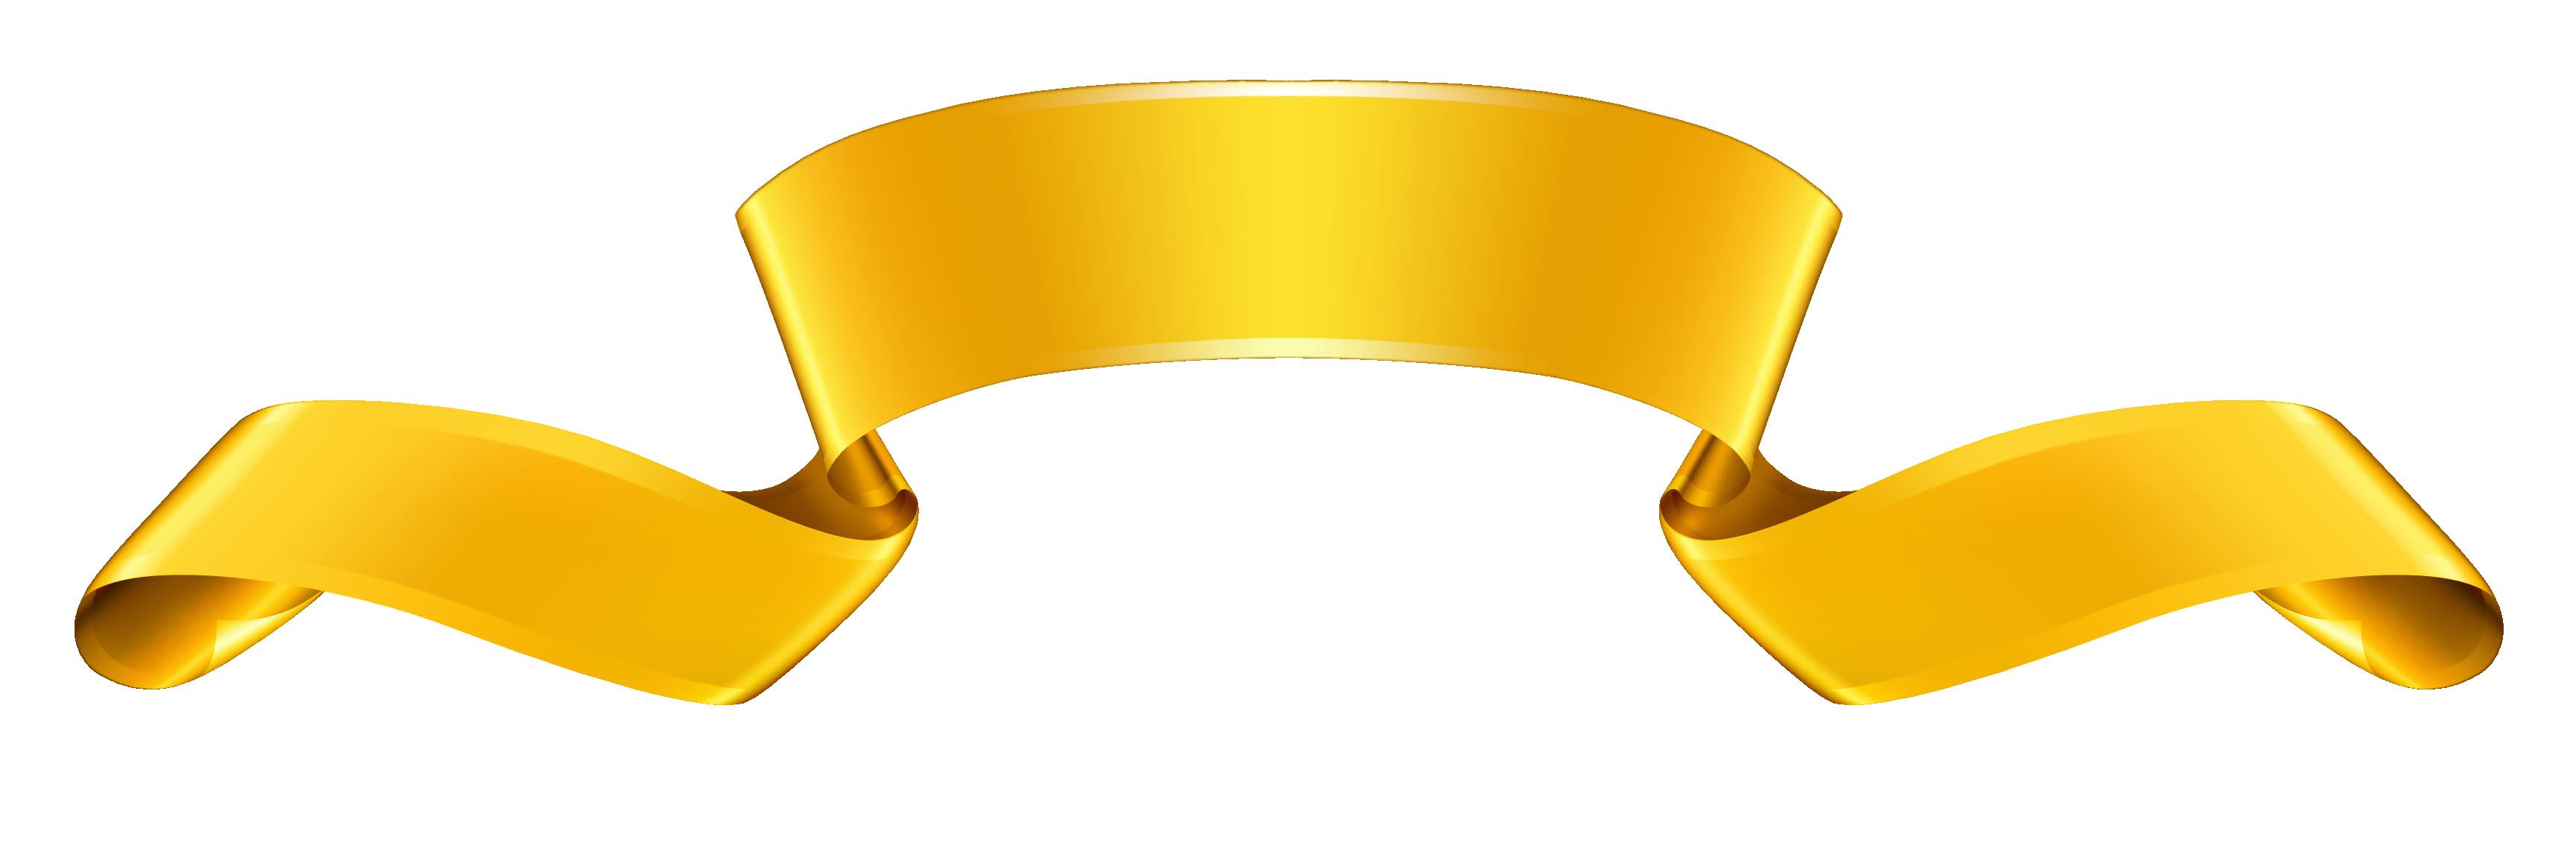 Banner clip art png. Diploma clipart gold ribbon